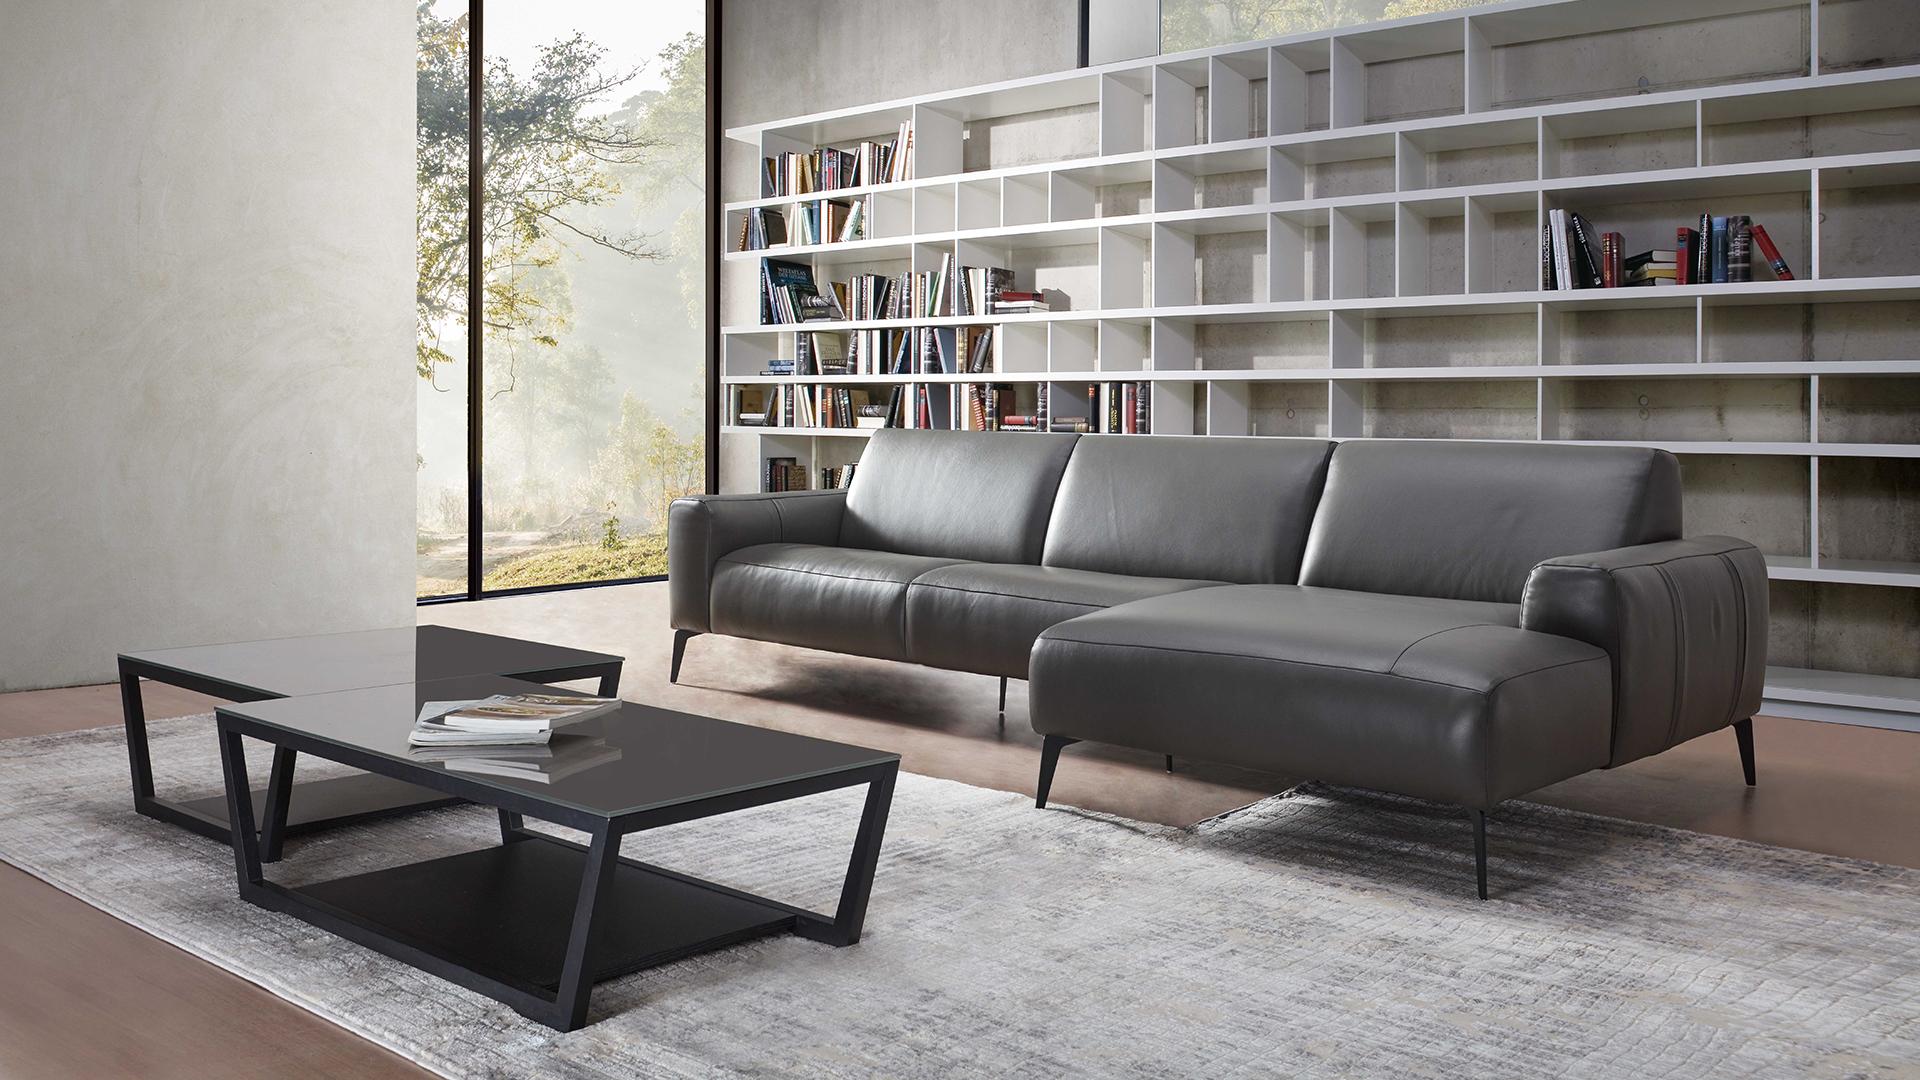 Cách mua sofa cao cấp nhập khẩu chuẩn chất lượng